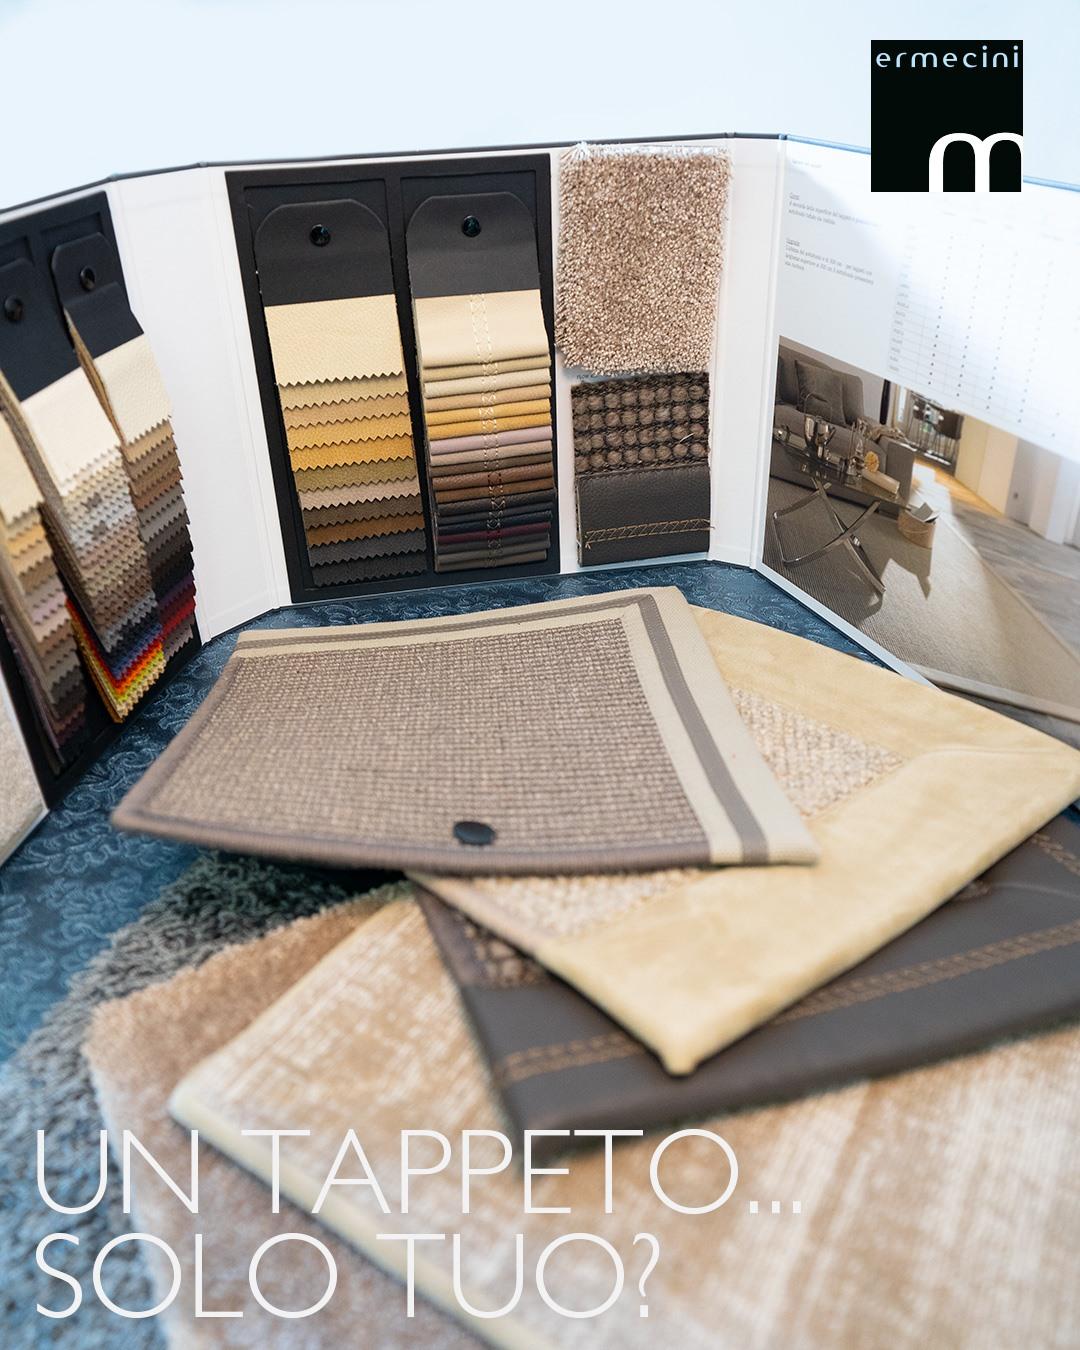 Un tappeto solo tuo Ora si puo Ermecini Tappezzeria e xxohacfcefcoeFEA